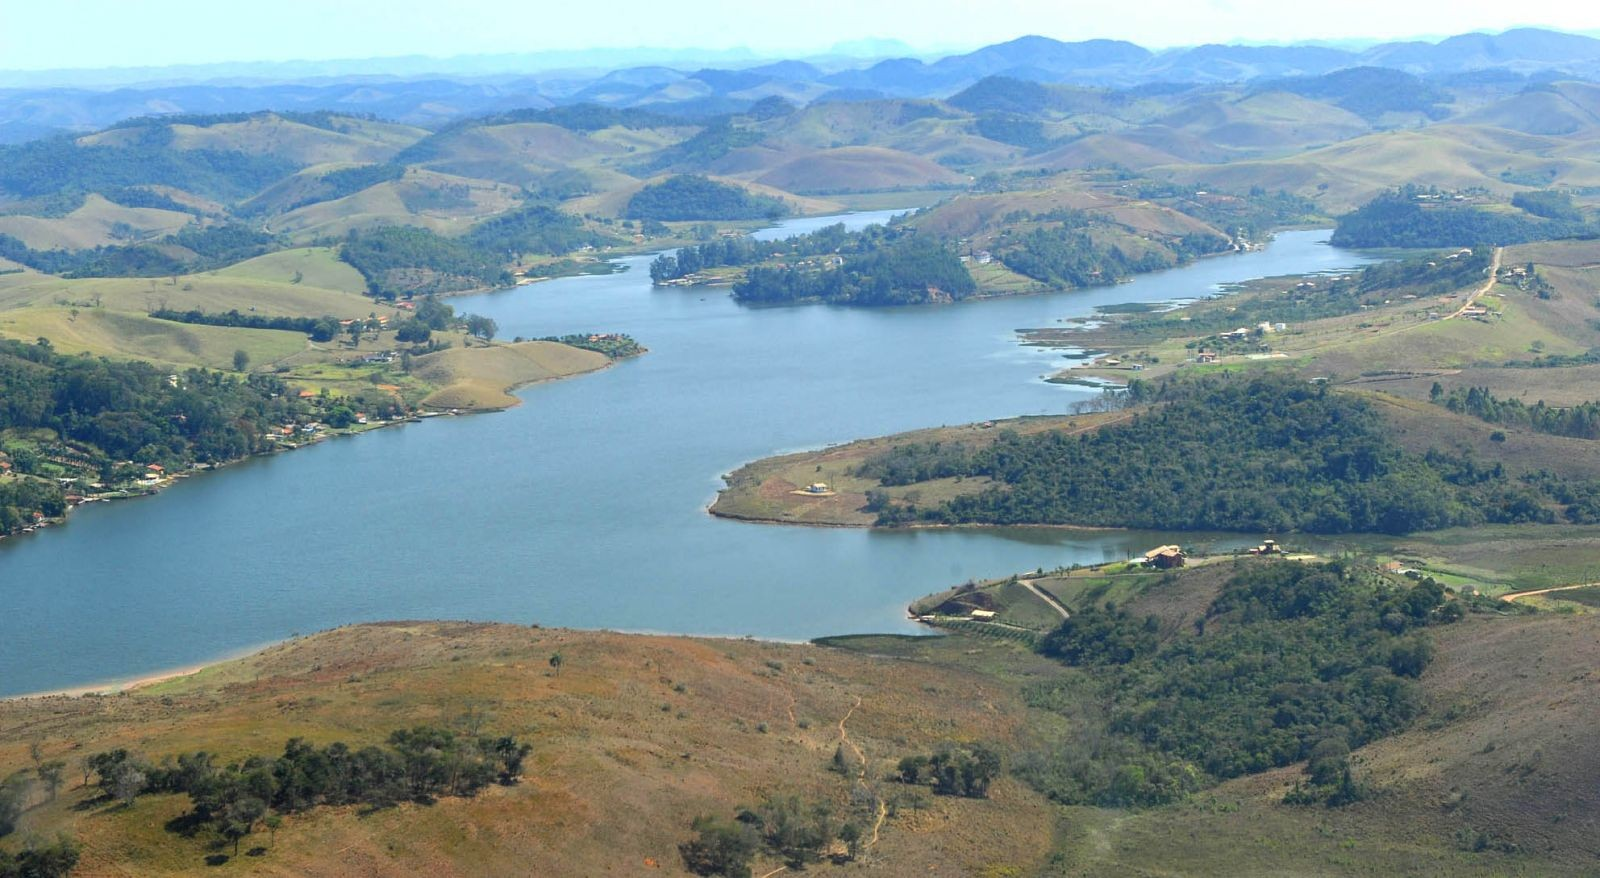 Reservatórios de água de cidades da Zona da Mata e Vertentes apresentam situações diferentes de outras regiões do Brasil, afirmam órgãos reguladores